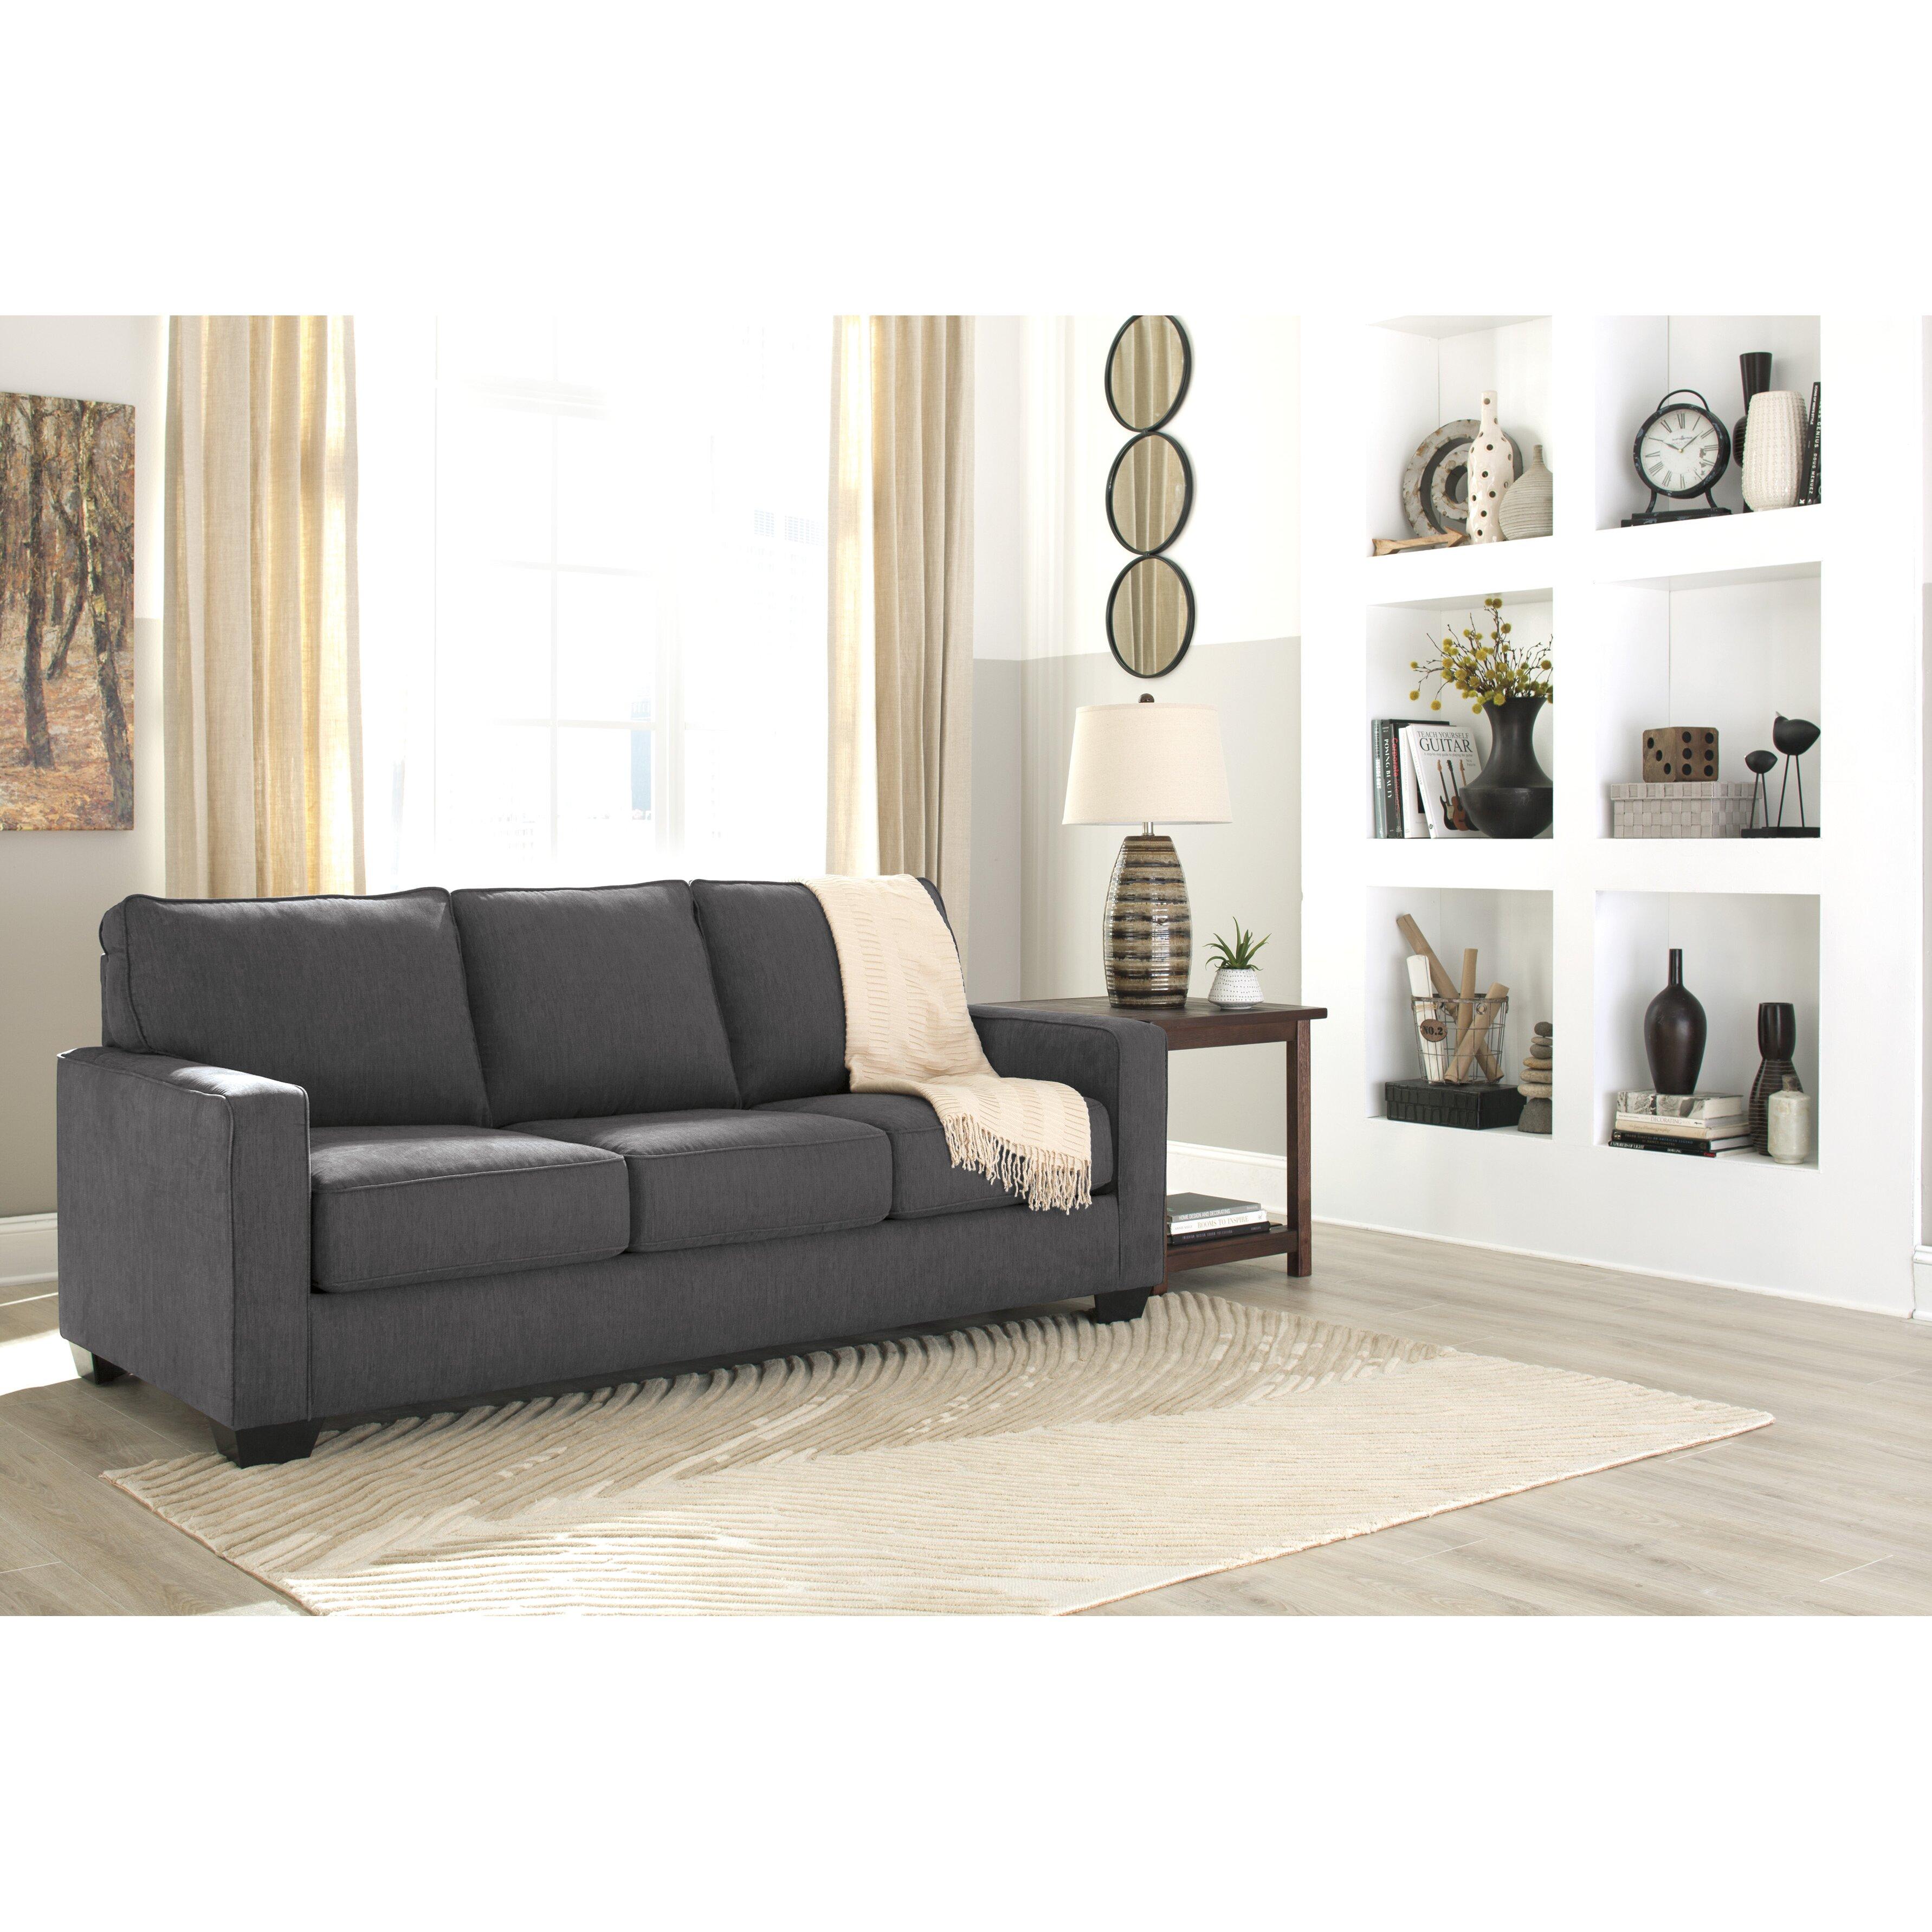 Benchcraft Zeb Queen Sleeper Sofa Amp Reviews Wayfair